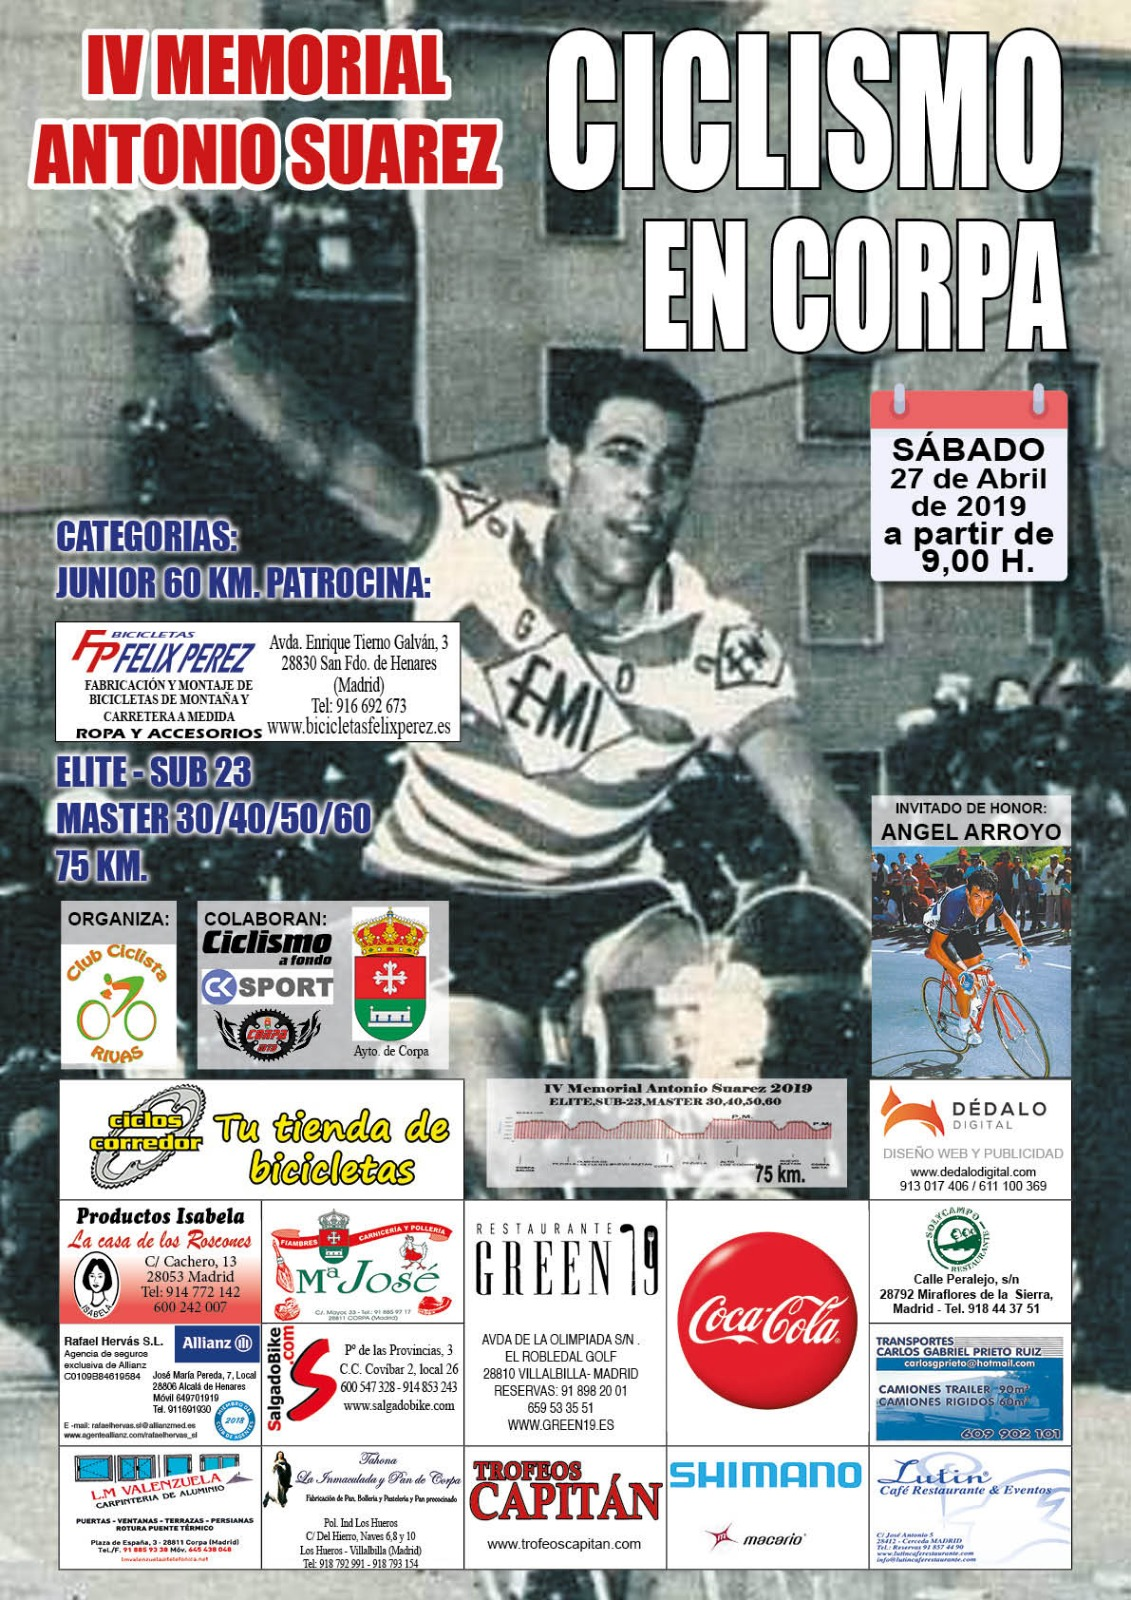 Corpa homenajea el 27 de Abril un año más a Antonio Suárez